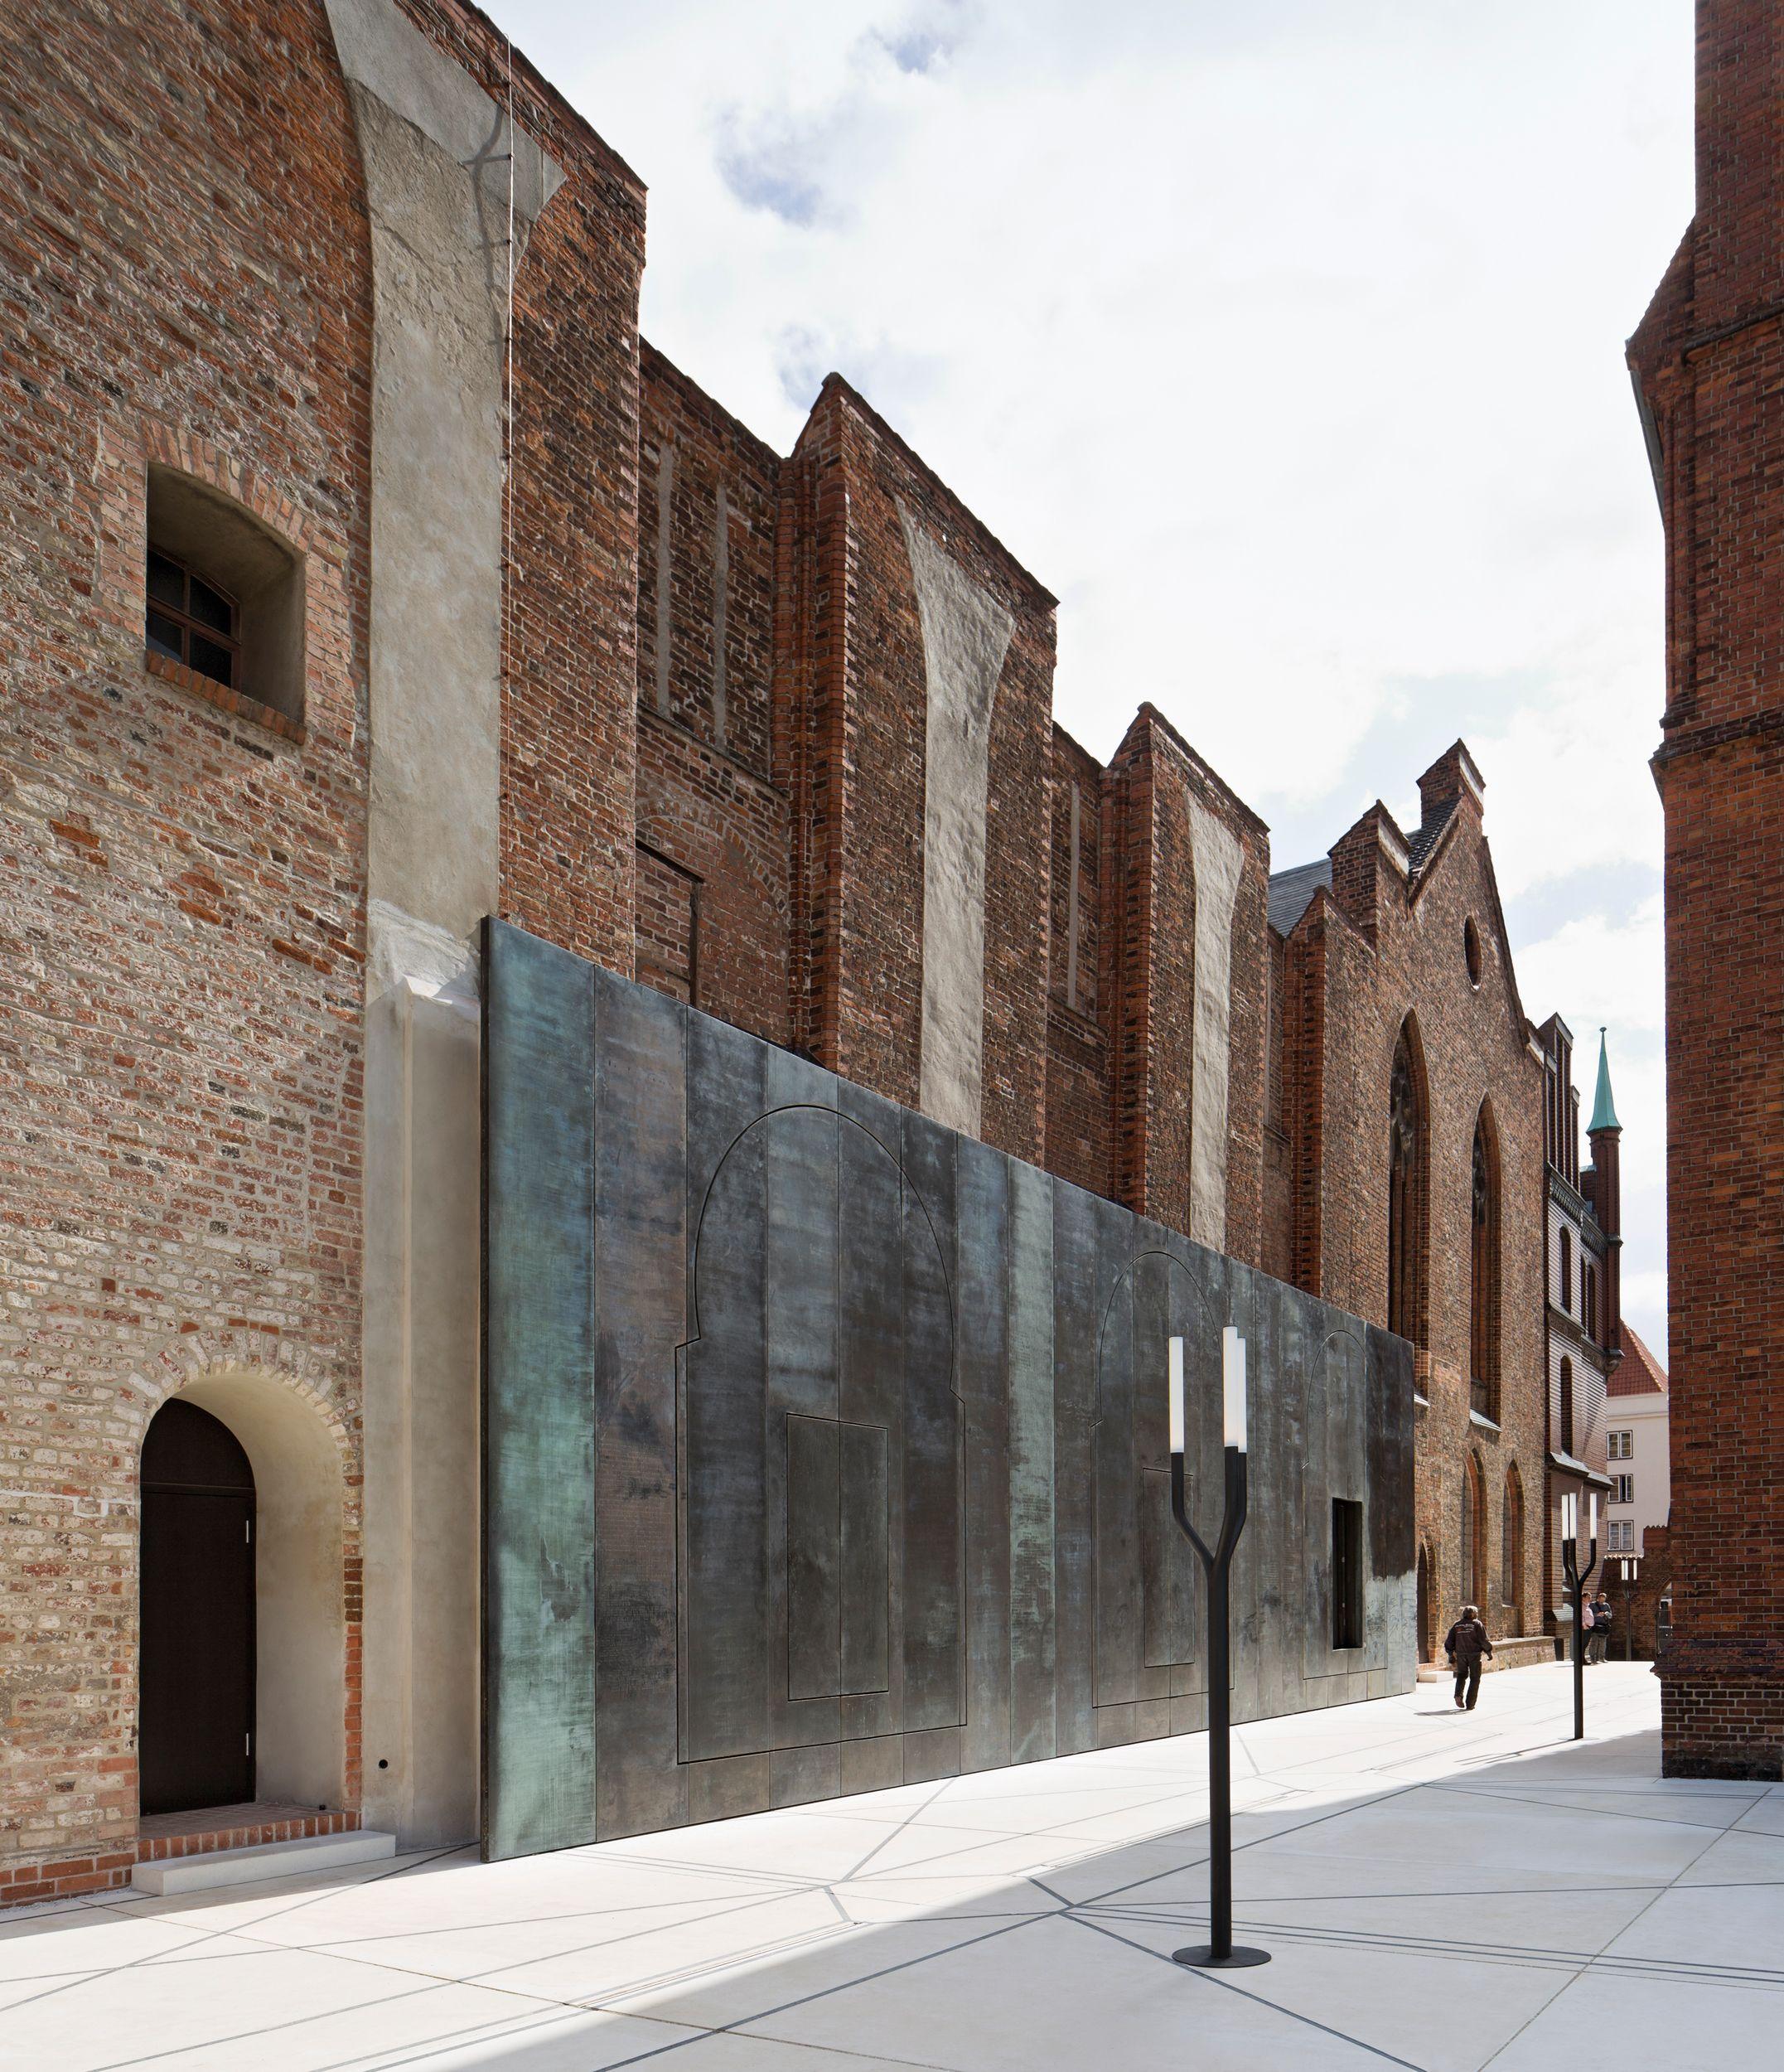 Architektur Lübeck wert haltung architekturtage in österreich lübeck architektur